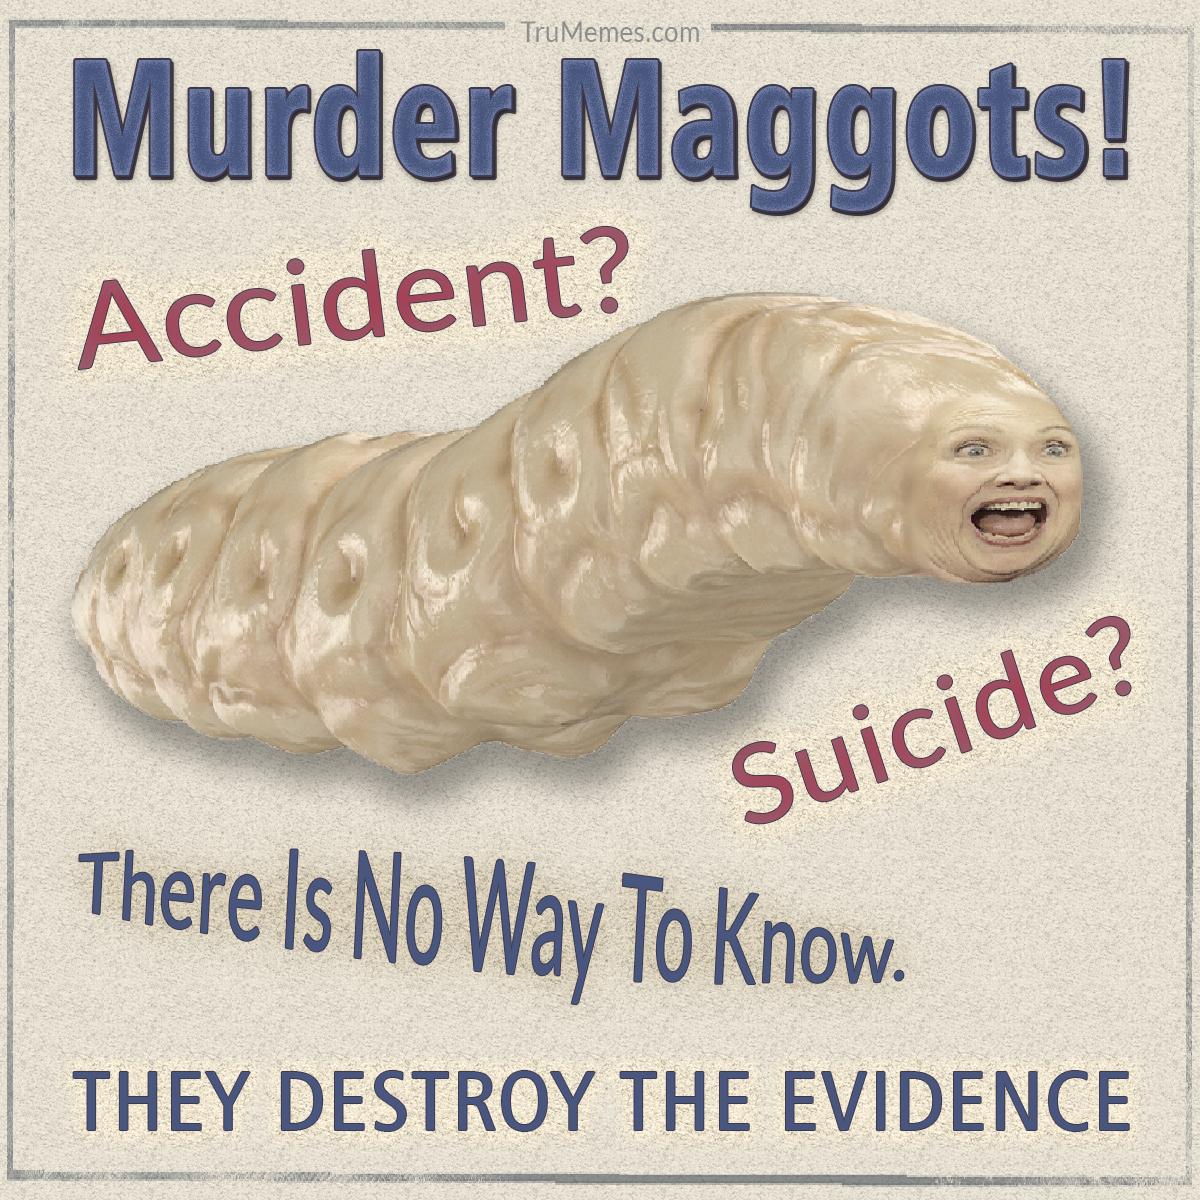 Hillary Murder Maggots